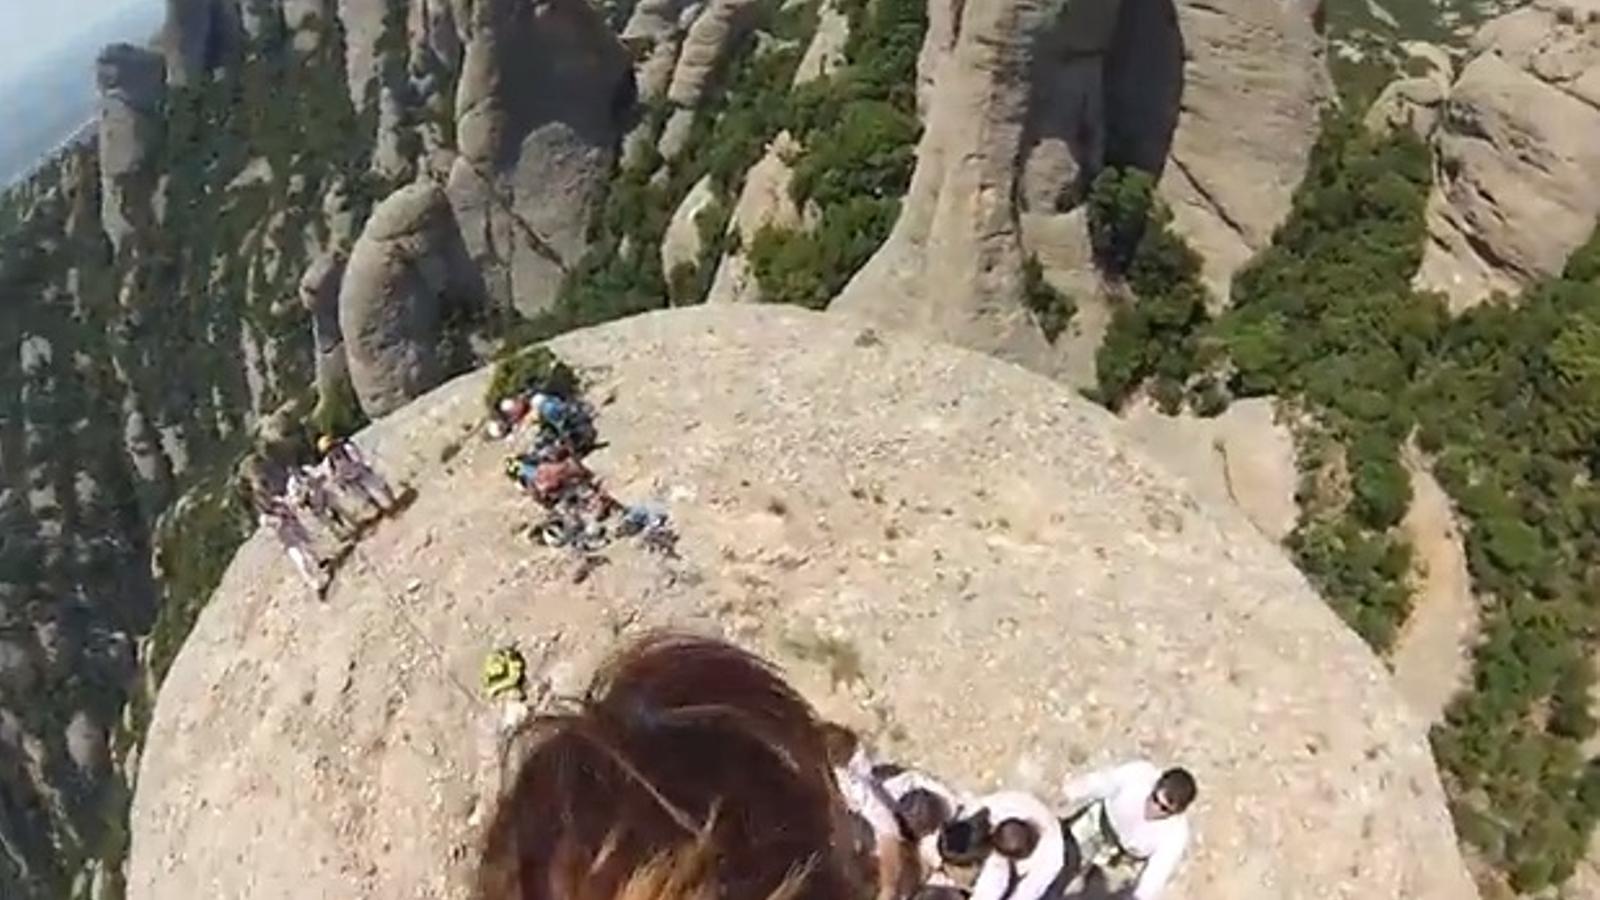 El pilar de 4 dels Minyons a 1.100 metres d'altitud, a vista d'enxaneta